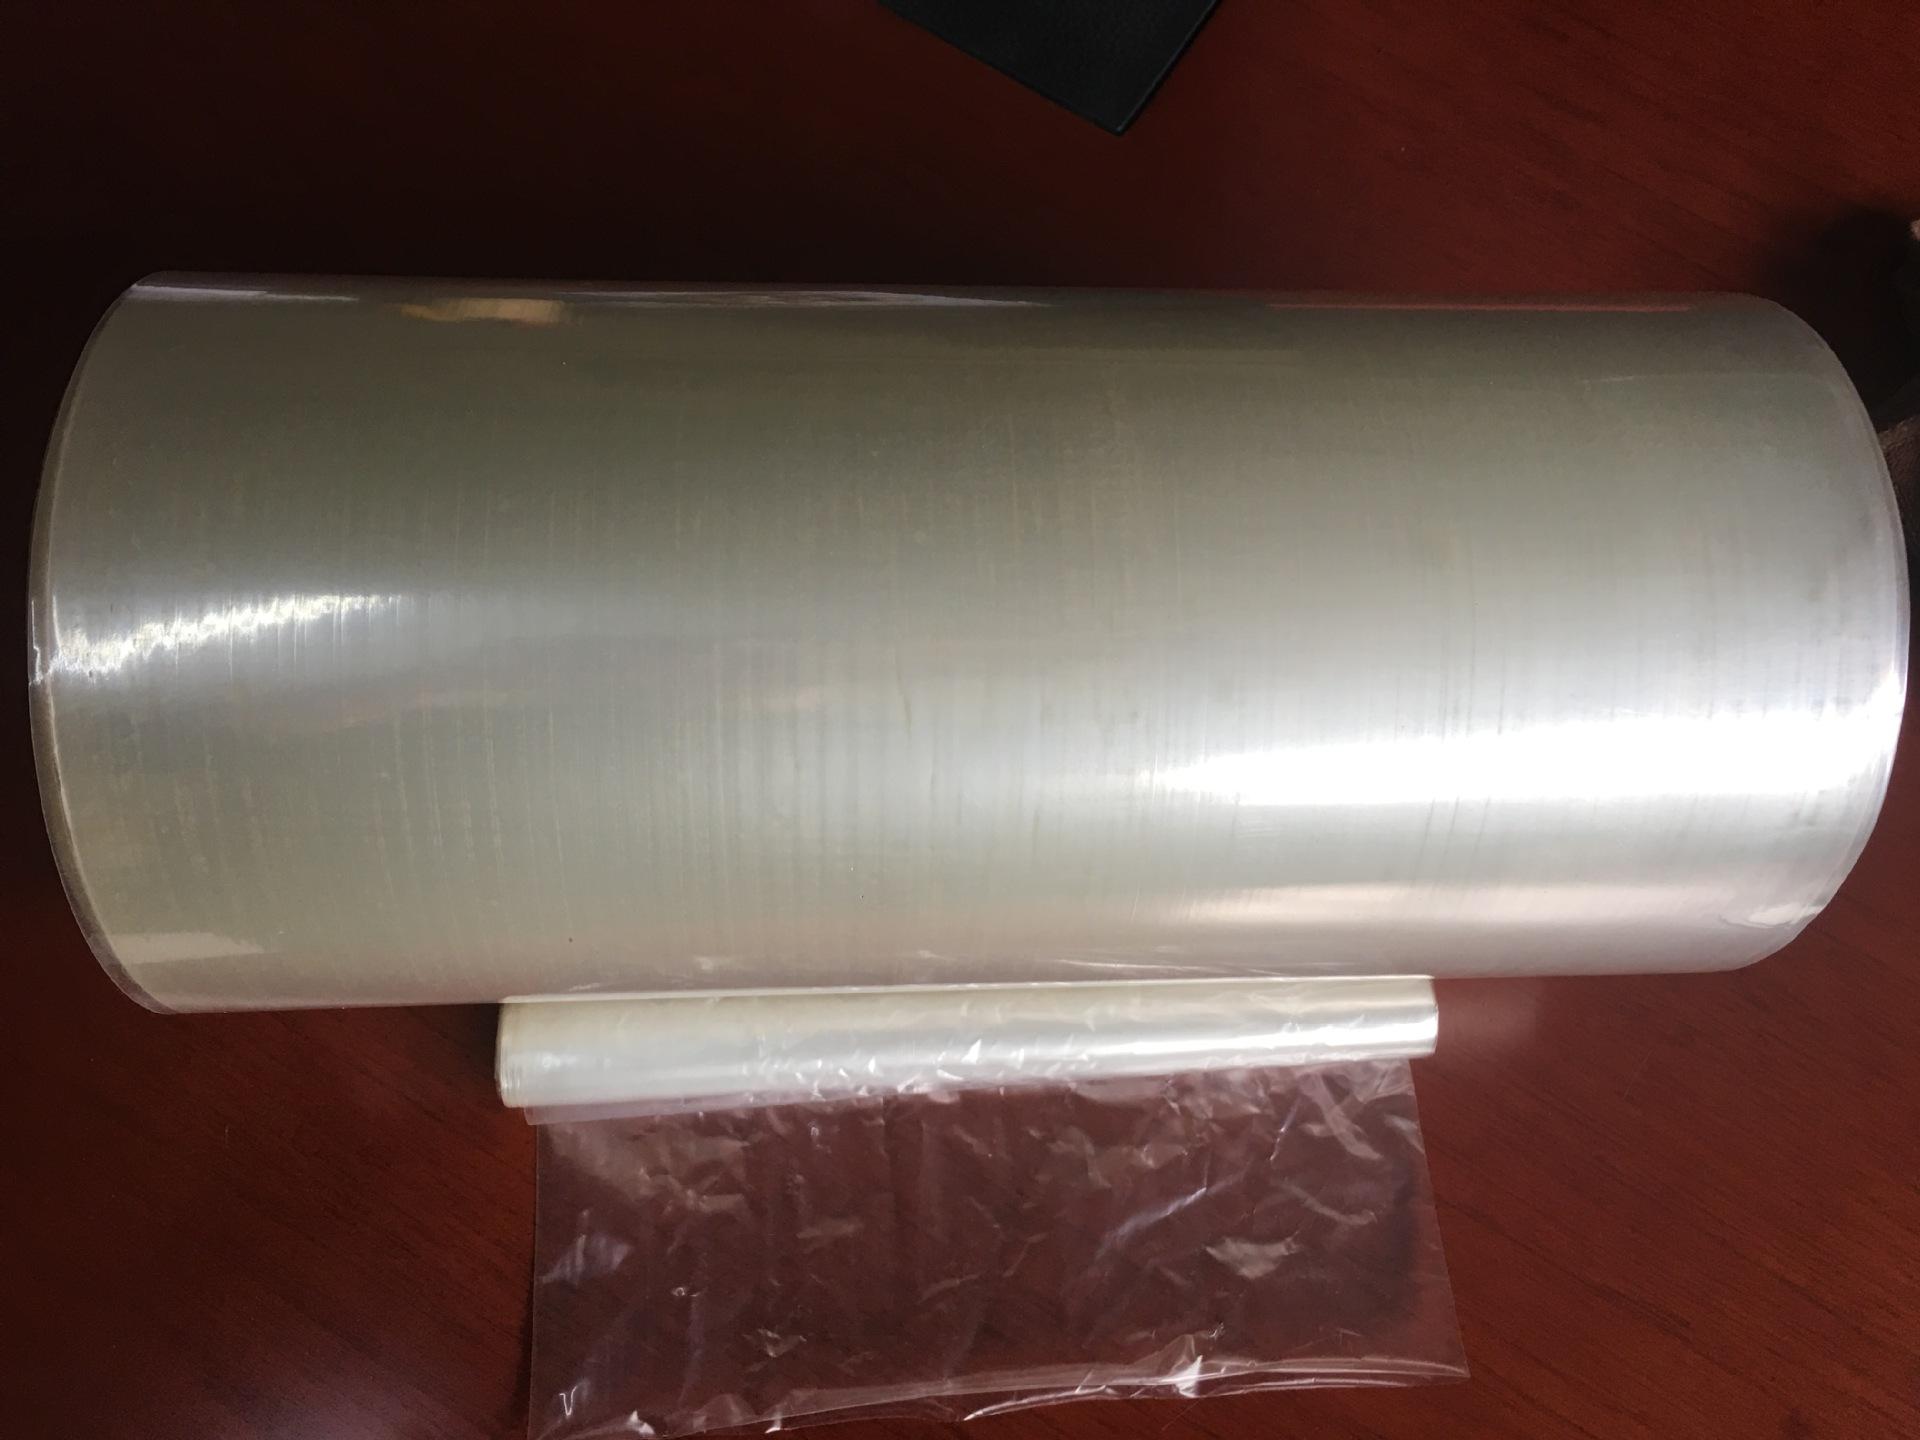 厂家直销PA膜、尼龙筒膜、尼龙塑料袋、高温消毒杀菌袋、隔离袋